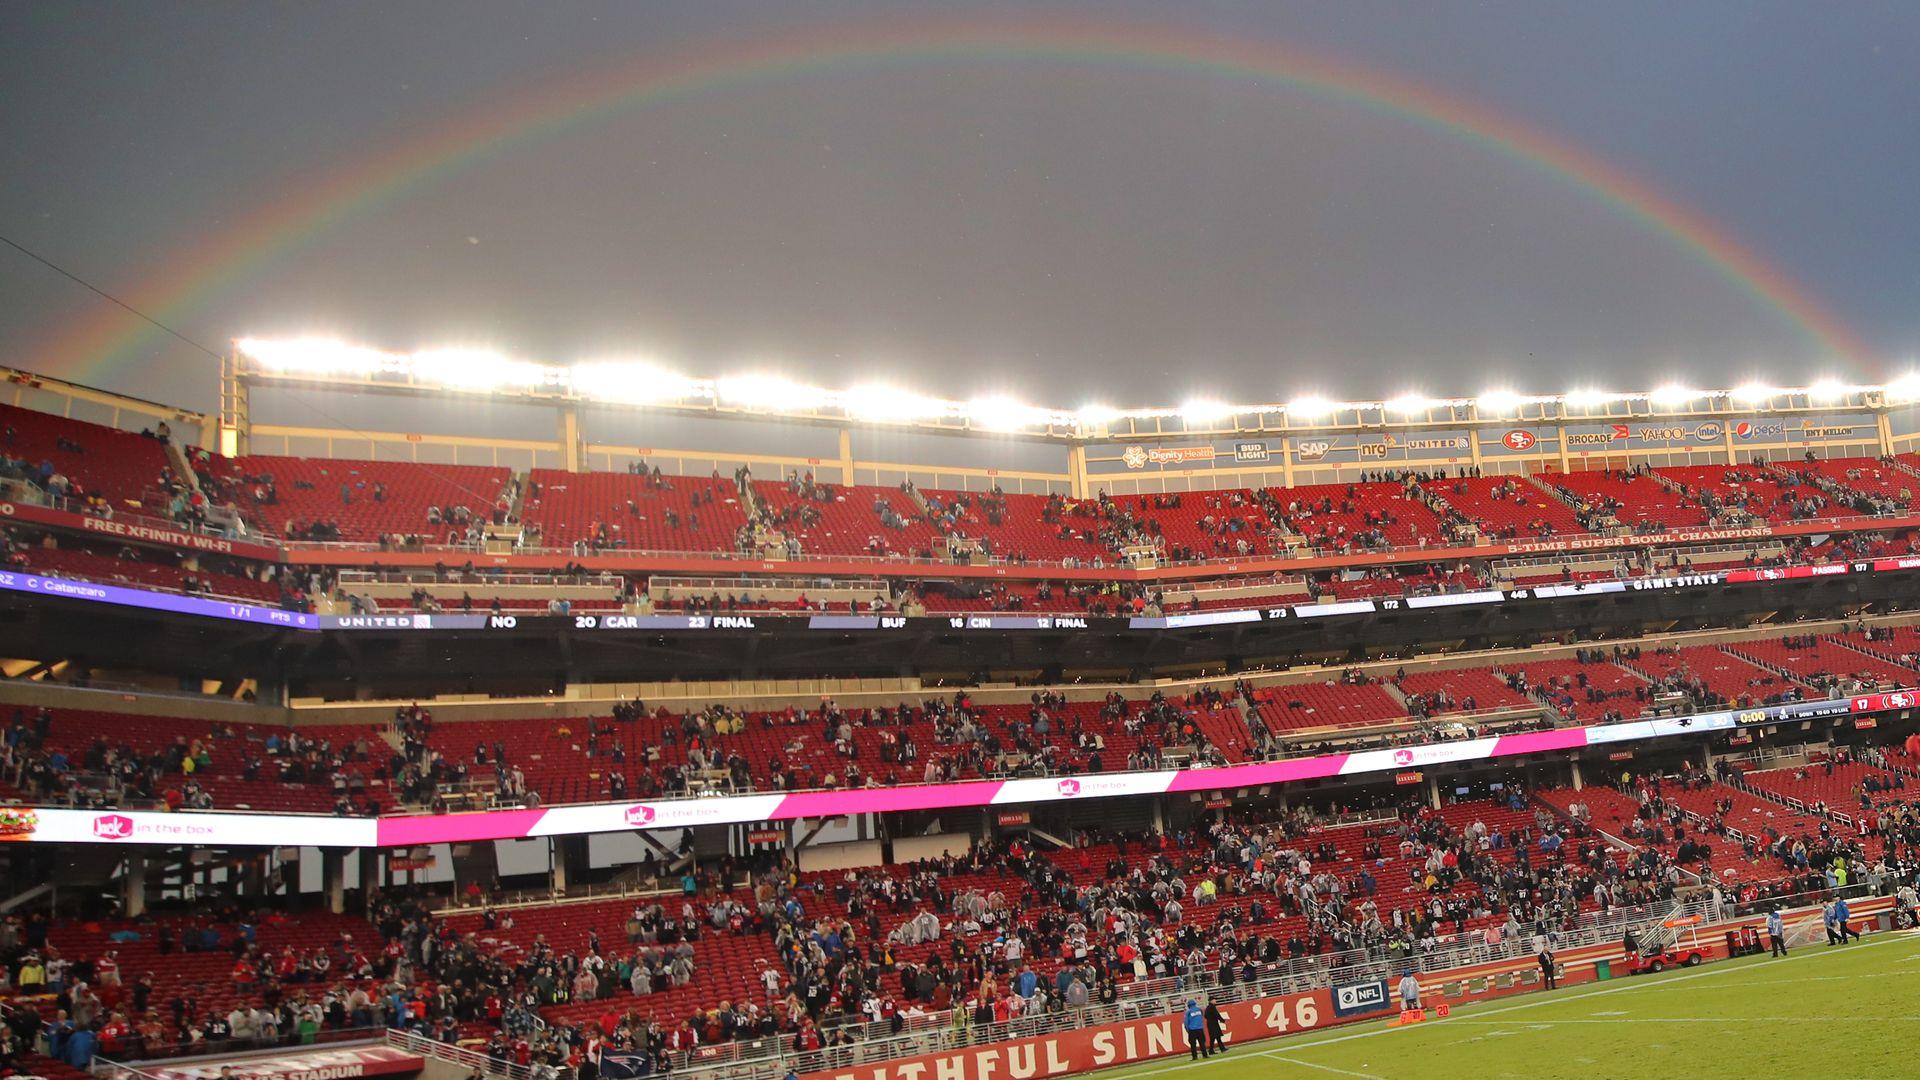 Levis Stadium in Santa Clara, Calif., on Nov. 20, 2016.